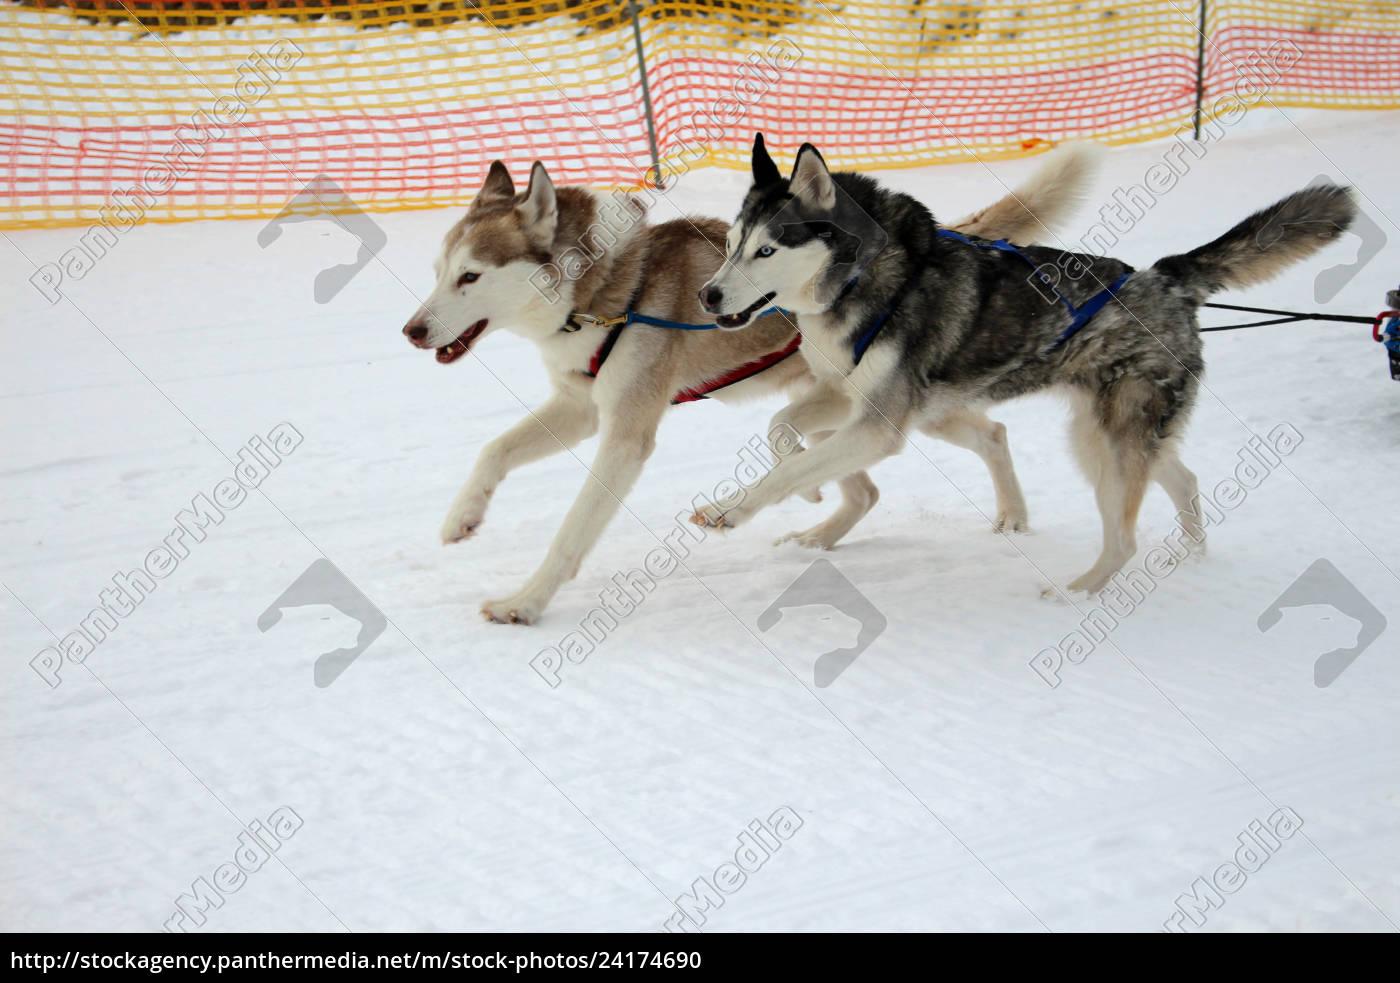 hund, , schlittenhunde, , husky, , polarhunde, , rennen, , schlittenhunderennen, - 24174690